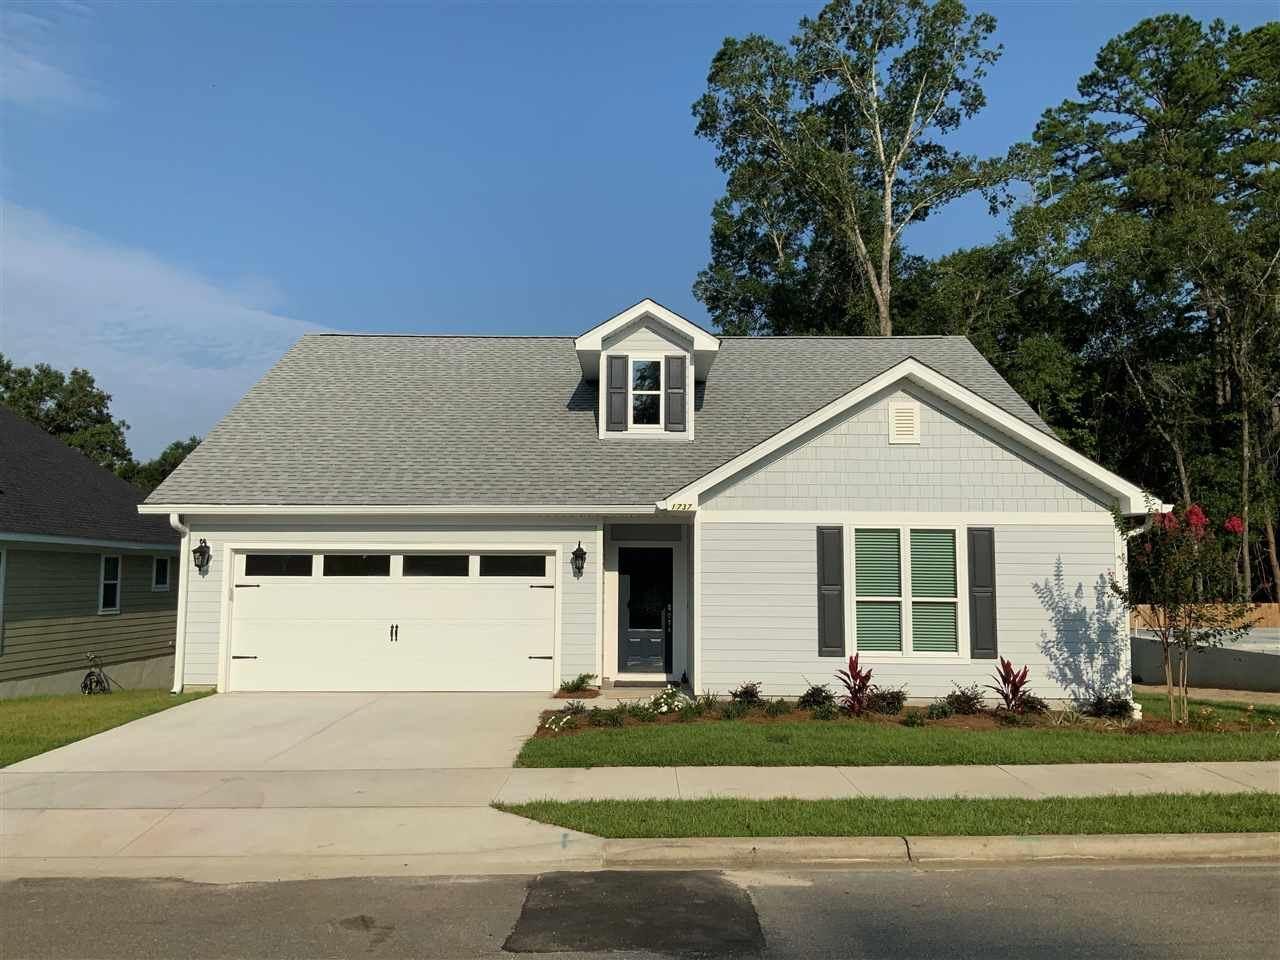 1737 COTTAGE ROSE Lane, Tallahassee, FL 32308 - MLS#: 335666